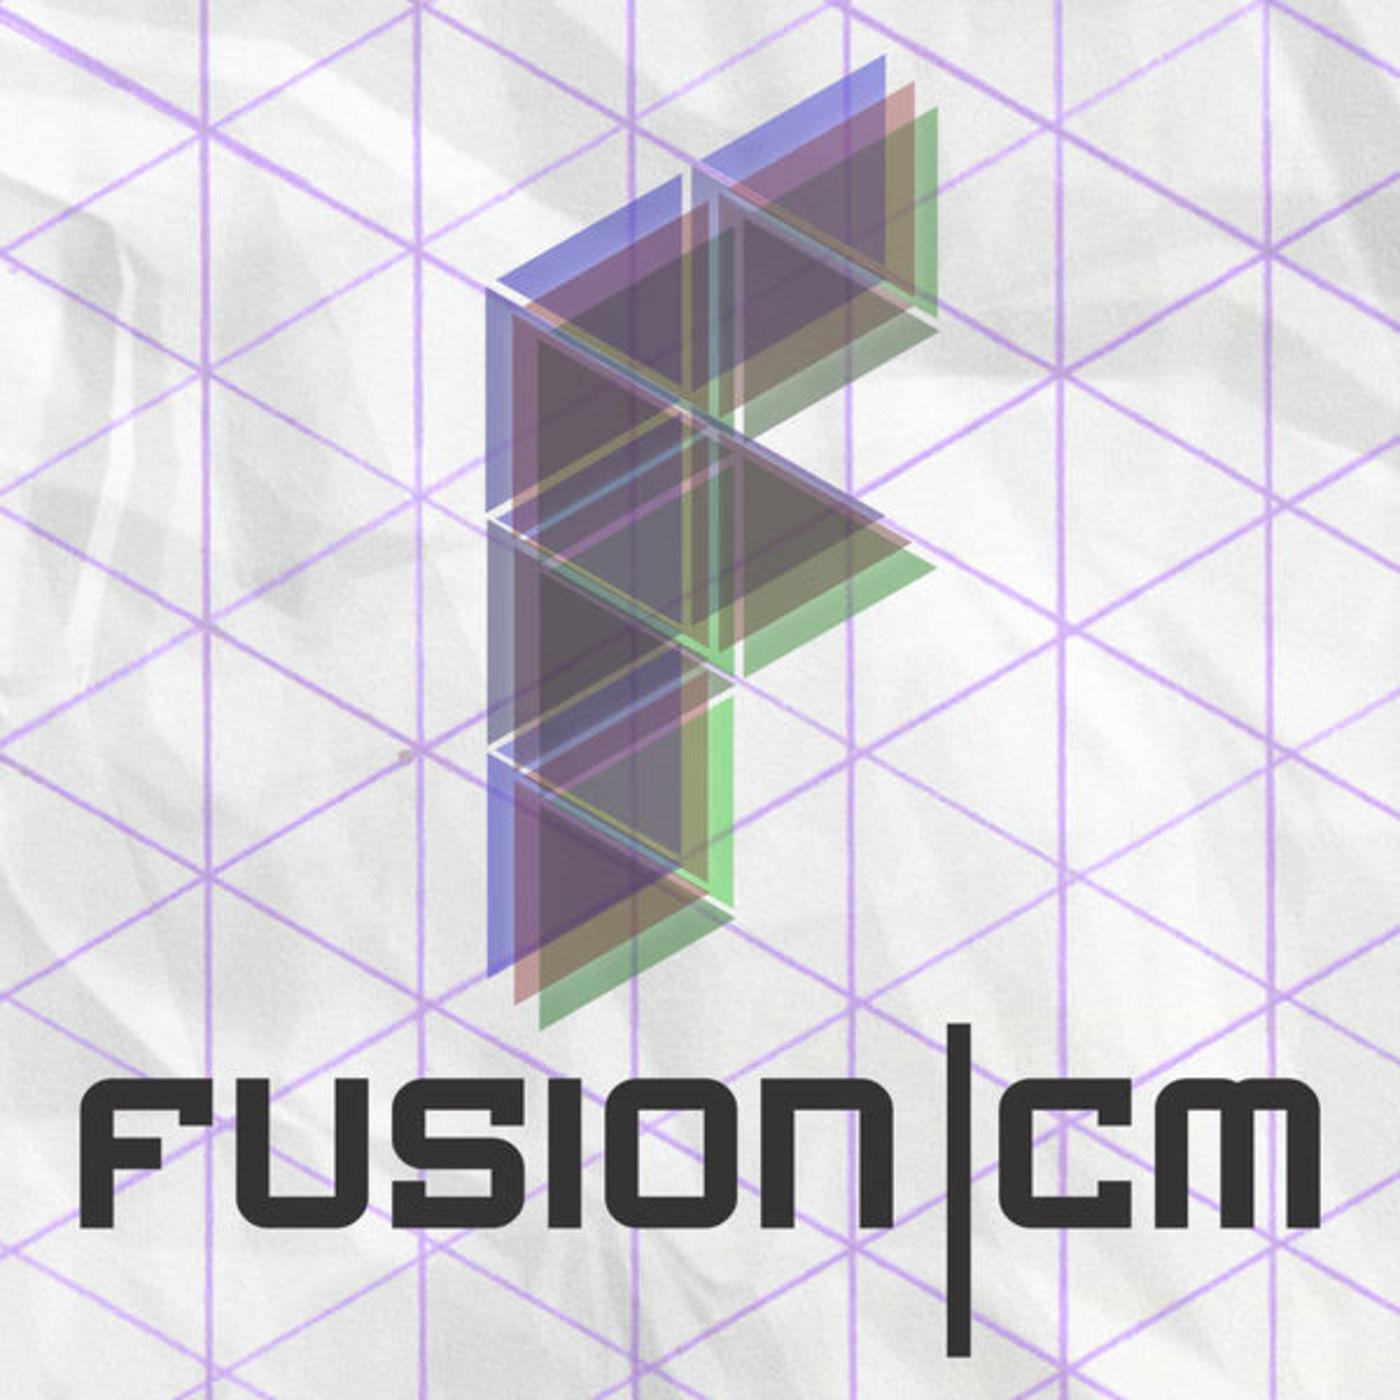 Fusion CM Podcast - Creativity: Where Do Good Ideas Come Fro